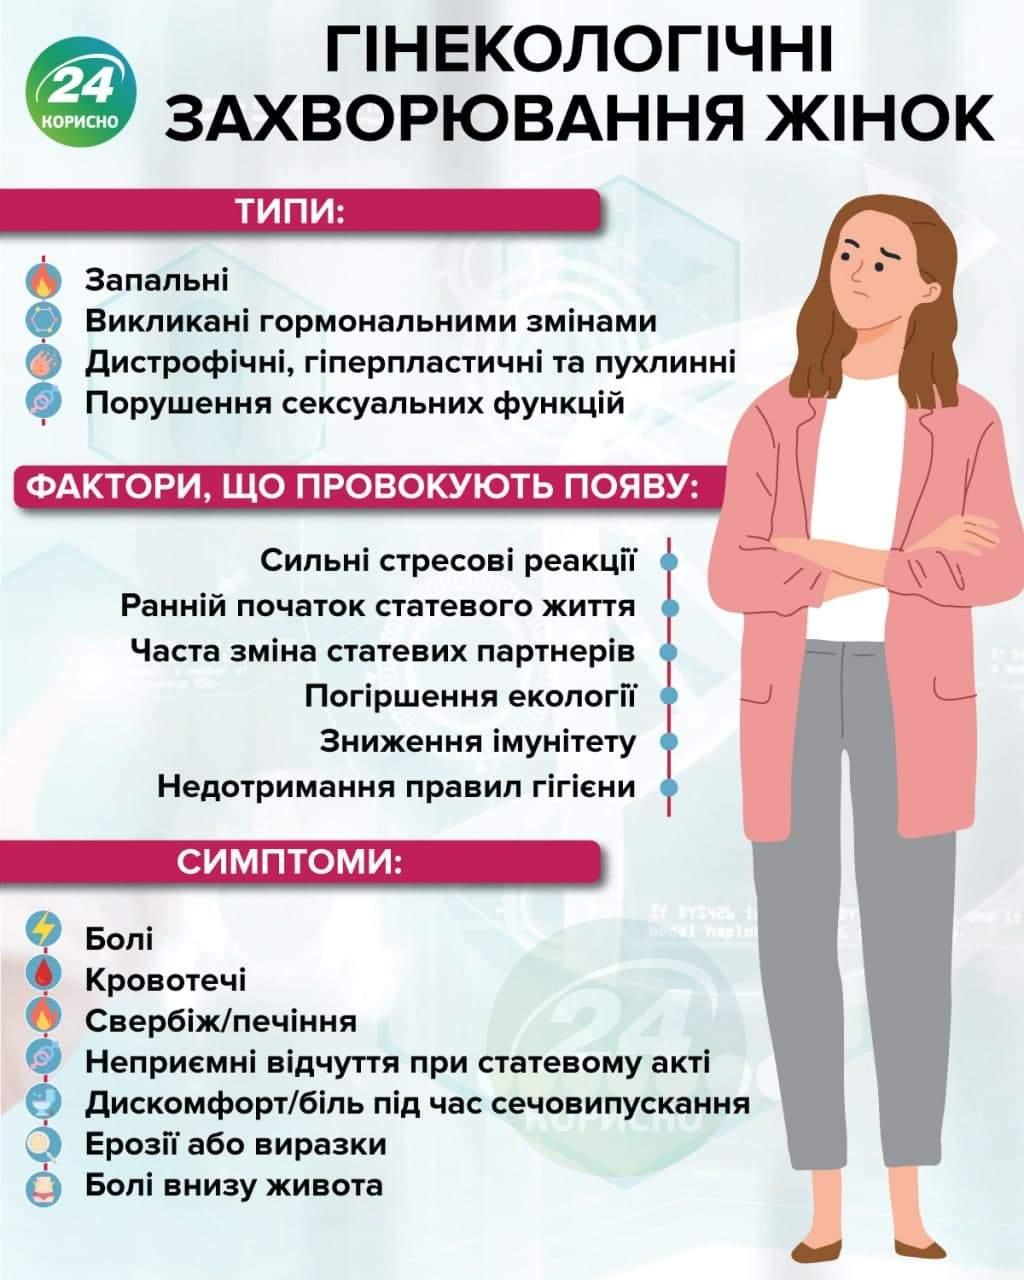 Гінекологічні захворювання